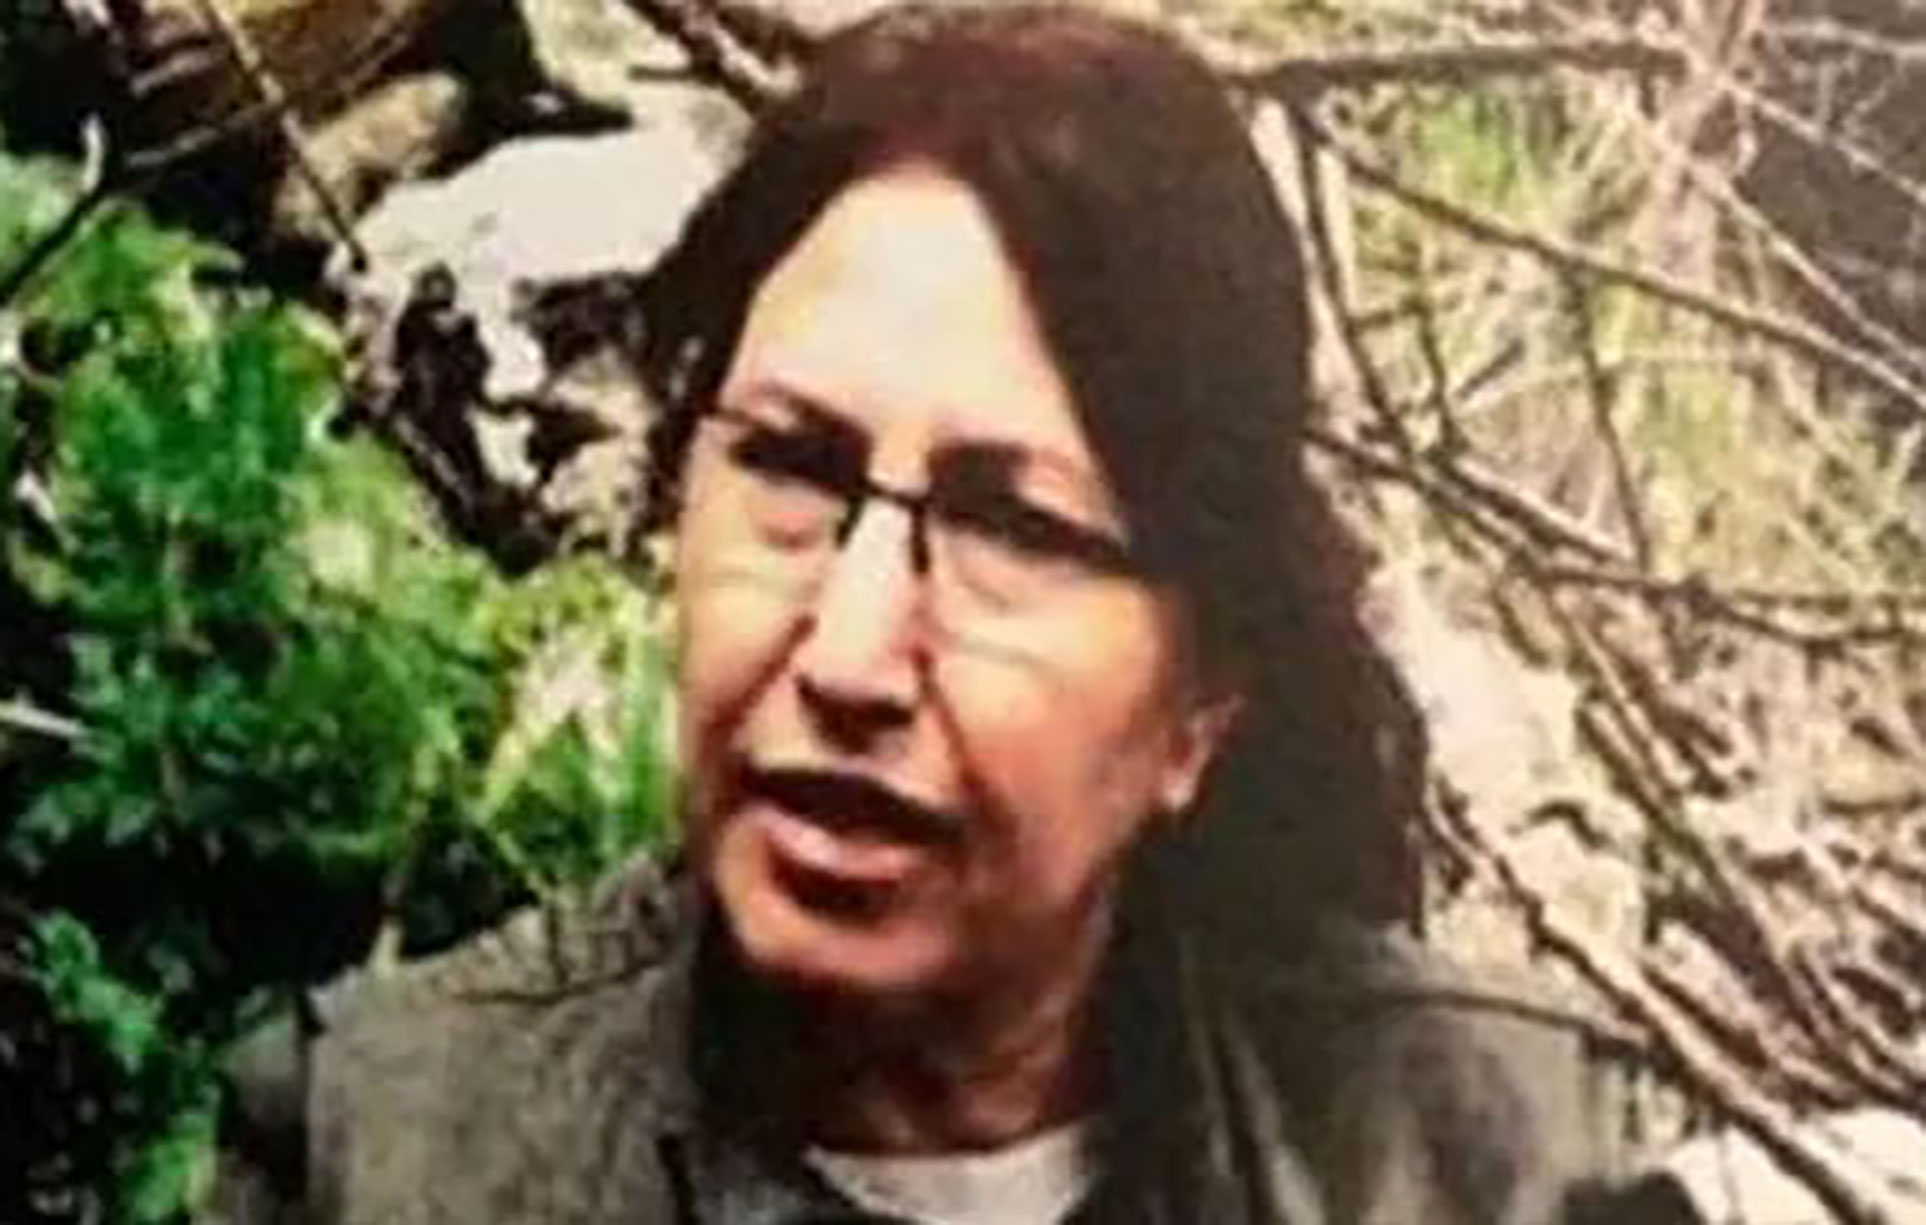 PKK: Οι Τούρκοι σκότωσαν ηγετικό στέλεχος!